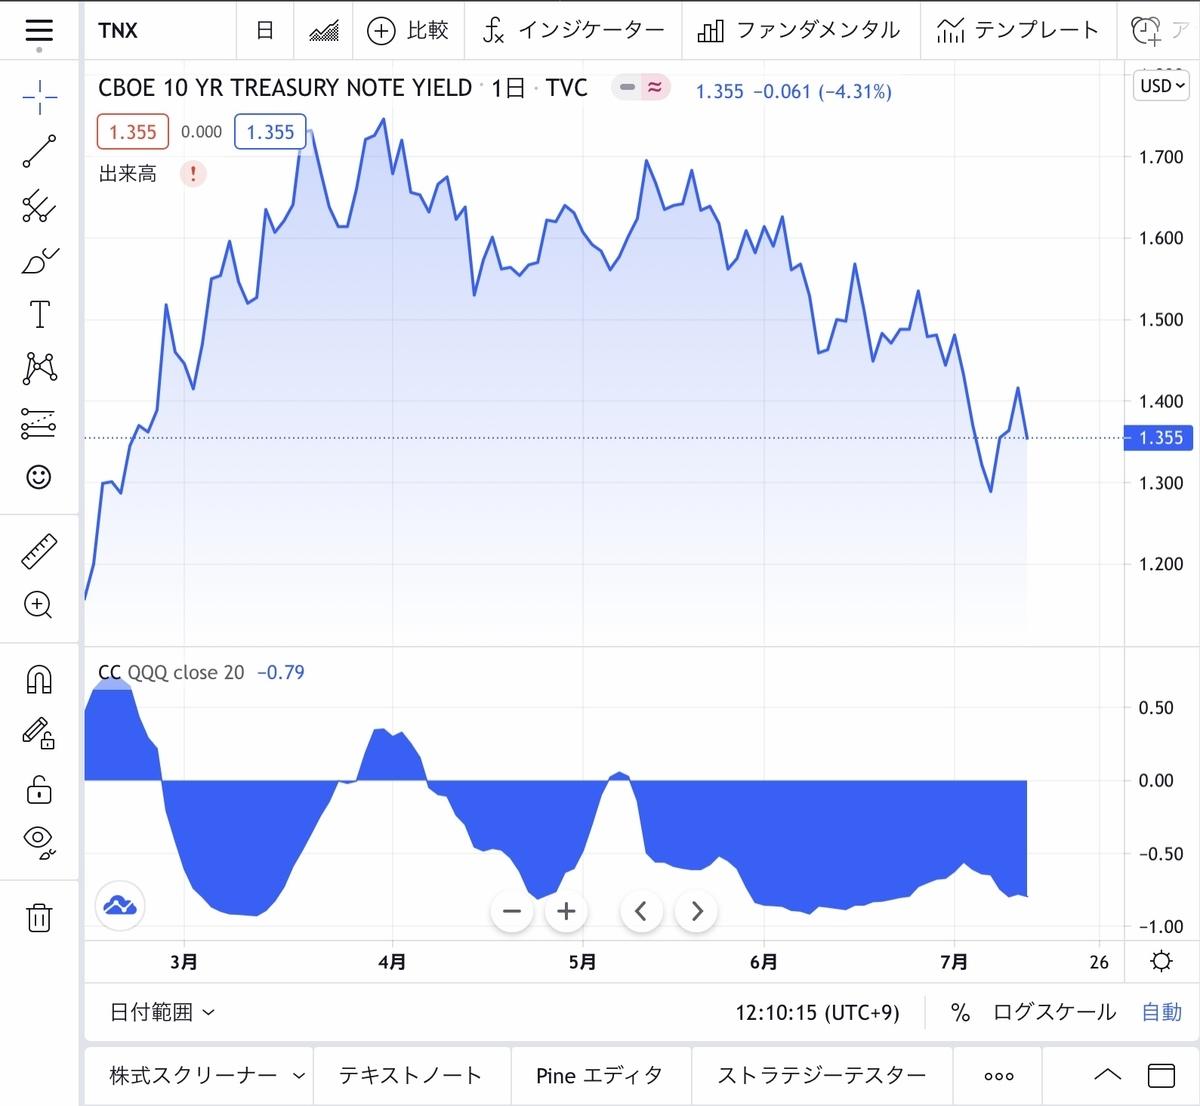 f:id:US-Stocks:20210715121127j:plain